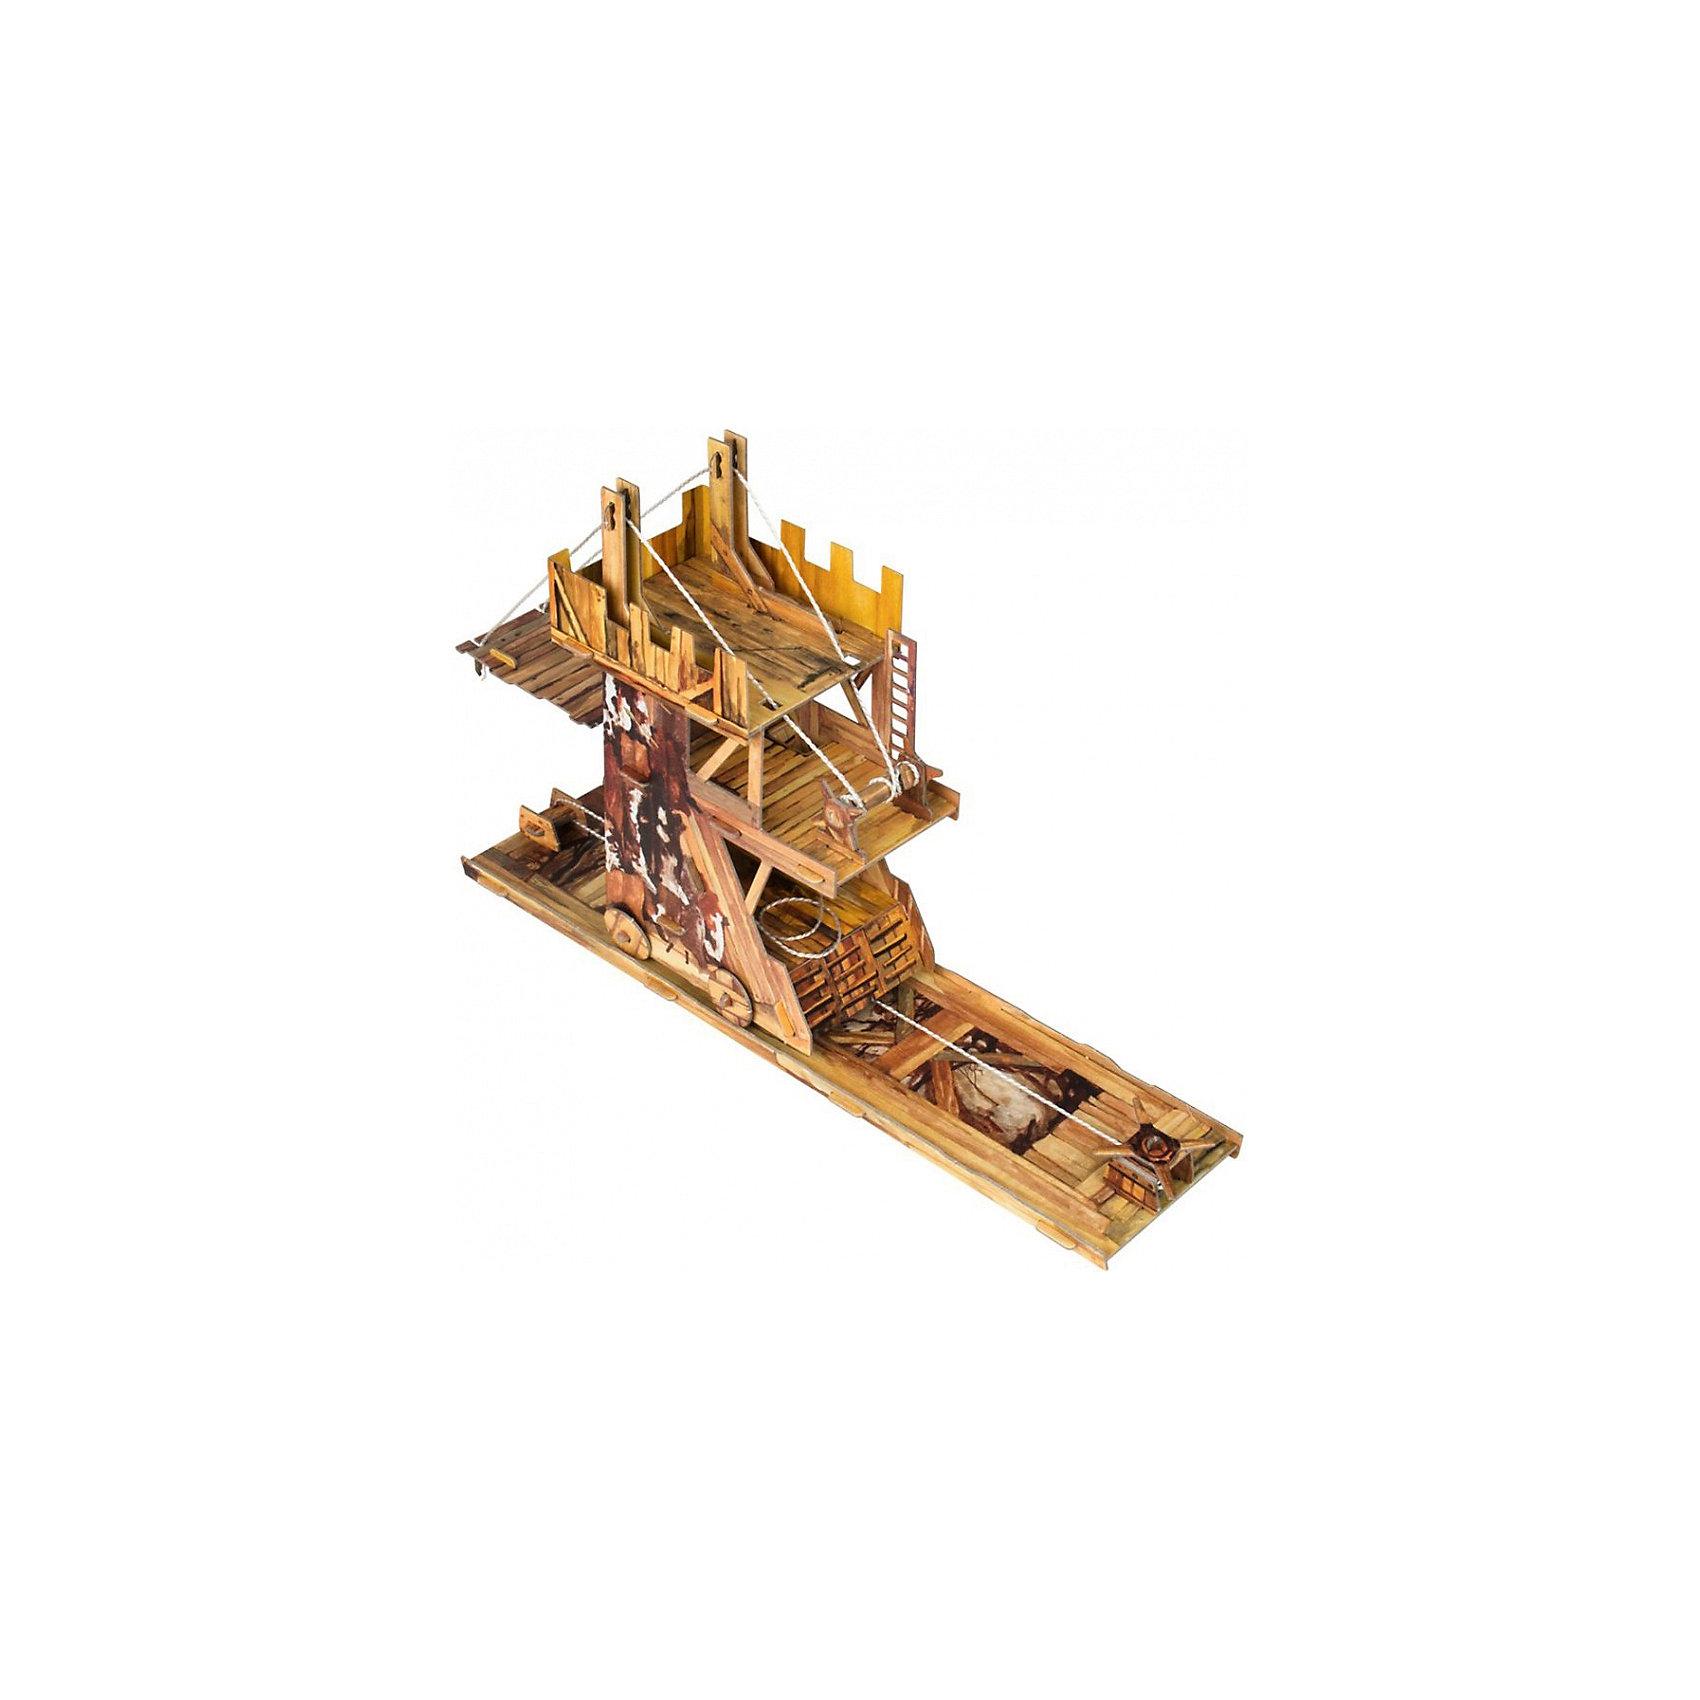 Сборная модель Осадная башняМодели из картона и бумаги<br>Осадная башня - Сюжетный игровой набор из плотного картона. Серия: Средневековый город. Количество деталей, шт: 51. Размер в собранном виде, см: 34 x 21,5 x 8,5. Размер упаковки, мм.:  высота 368 ширина 252 глубина 23. Тип упаковки: Картонная коробка. Вес, гр.: 352. Возраст: от 7 лет. Все модели и игрушки, созданные по технологии УМНАЯ БУМАГА собираются без ножниц и клея, что является их неповторимой особенностью.<br>Принцип соединения деталей запатентован. Соединения деталей продуманы и просчитаны с такой точностью, что при правильной сборке с моделью можно играть, как с обычной игрушкой.<br><br>Ширина мм: 252<br>Глубина мм: 23<br>Высота мм: 368<br>Вес г: 352<br>Возраст от месяцев: 84<br>Возраст до месяцев: 2147483647<br>Пол: Унисекс<br>Возраст: Детский<br>SKU: 4807483